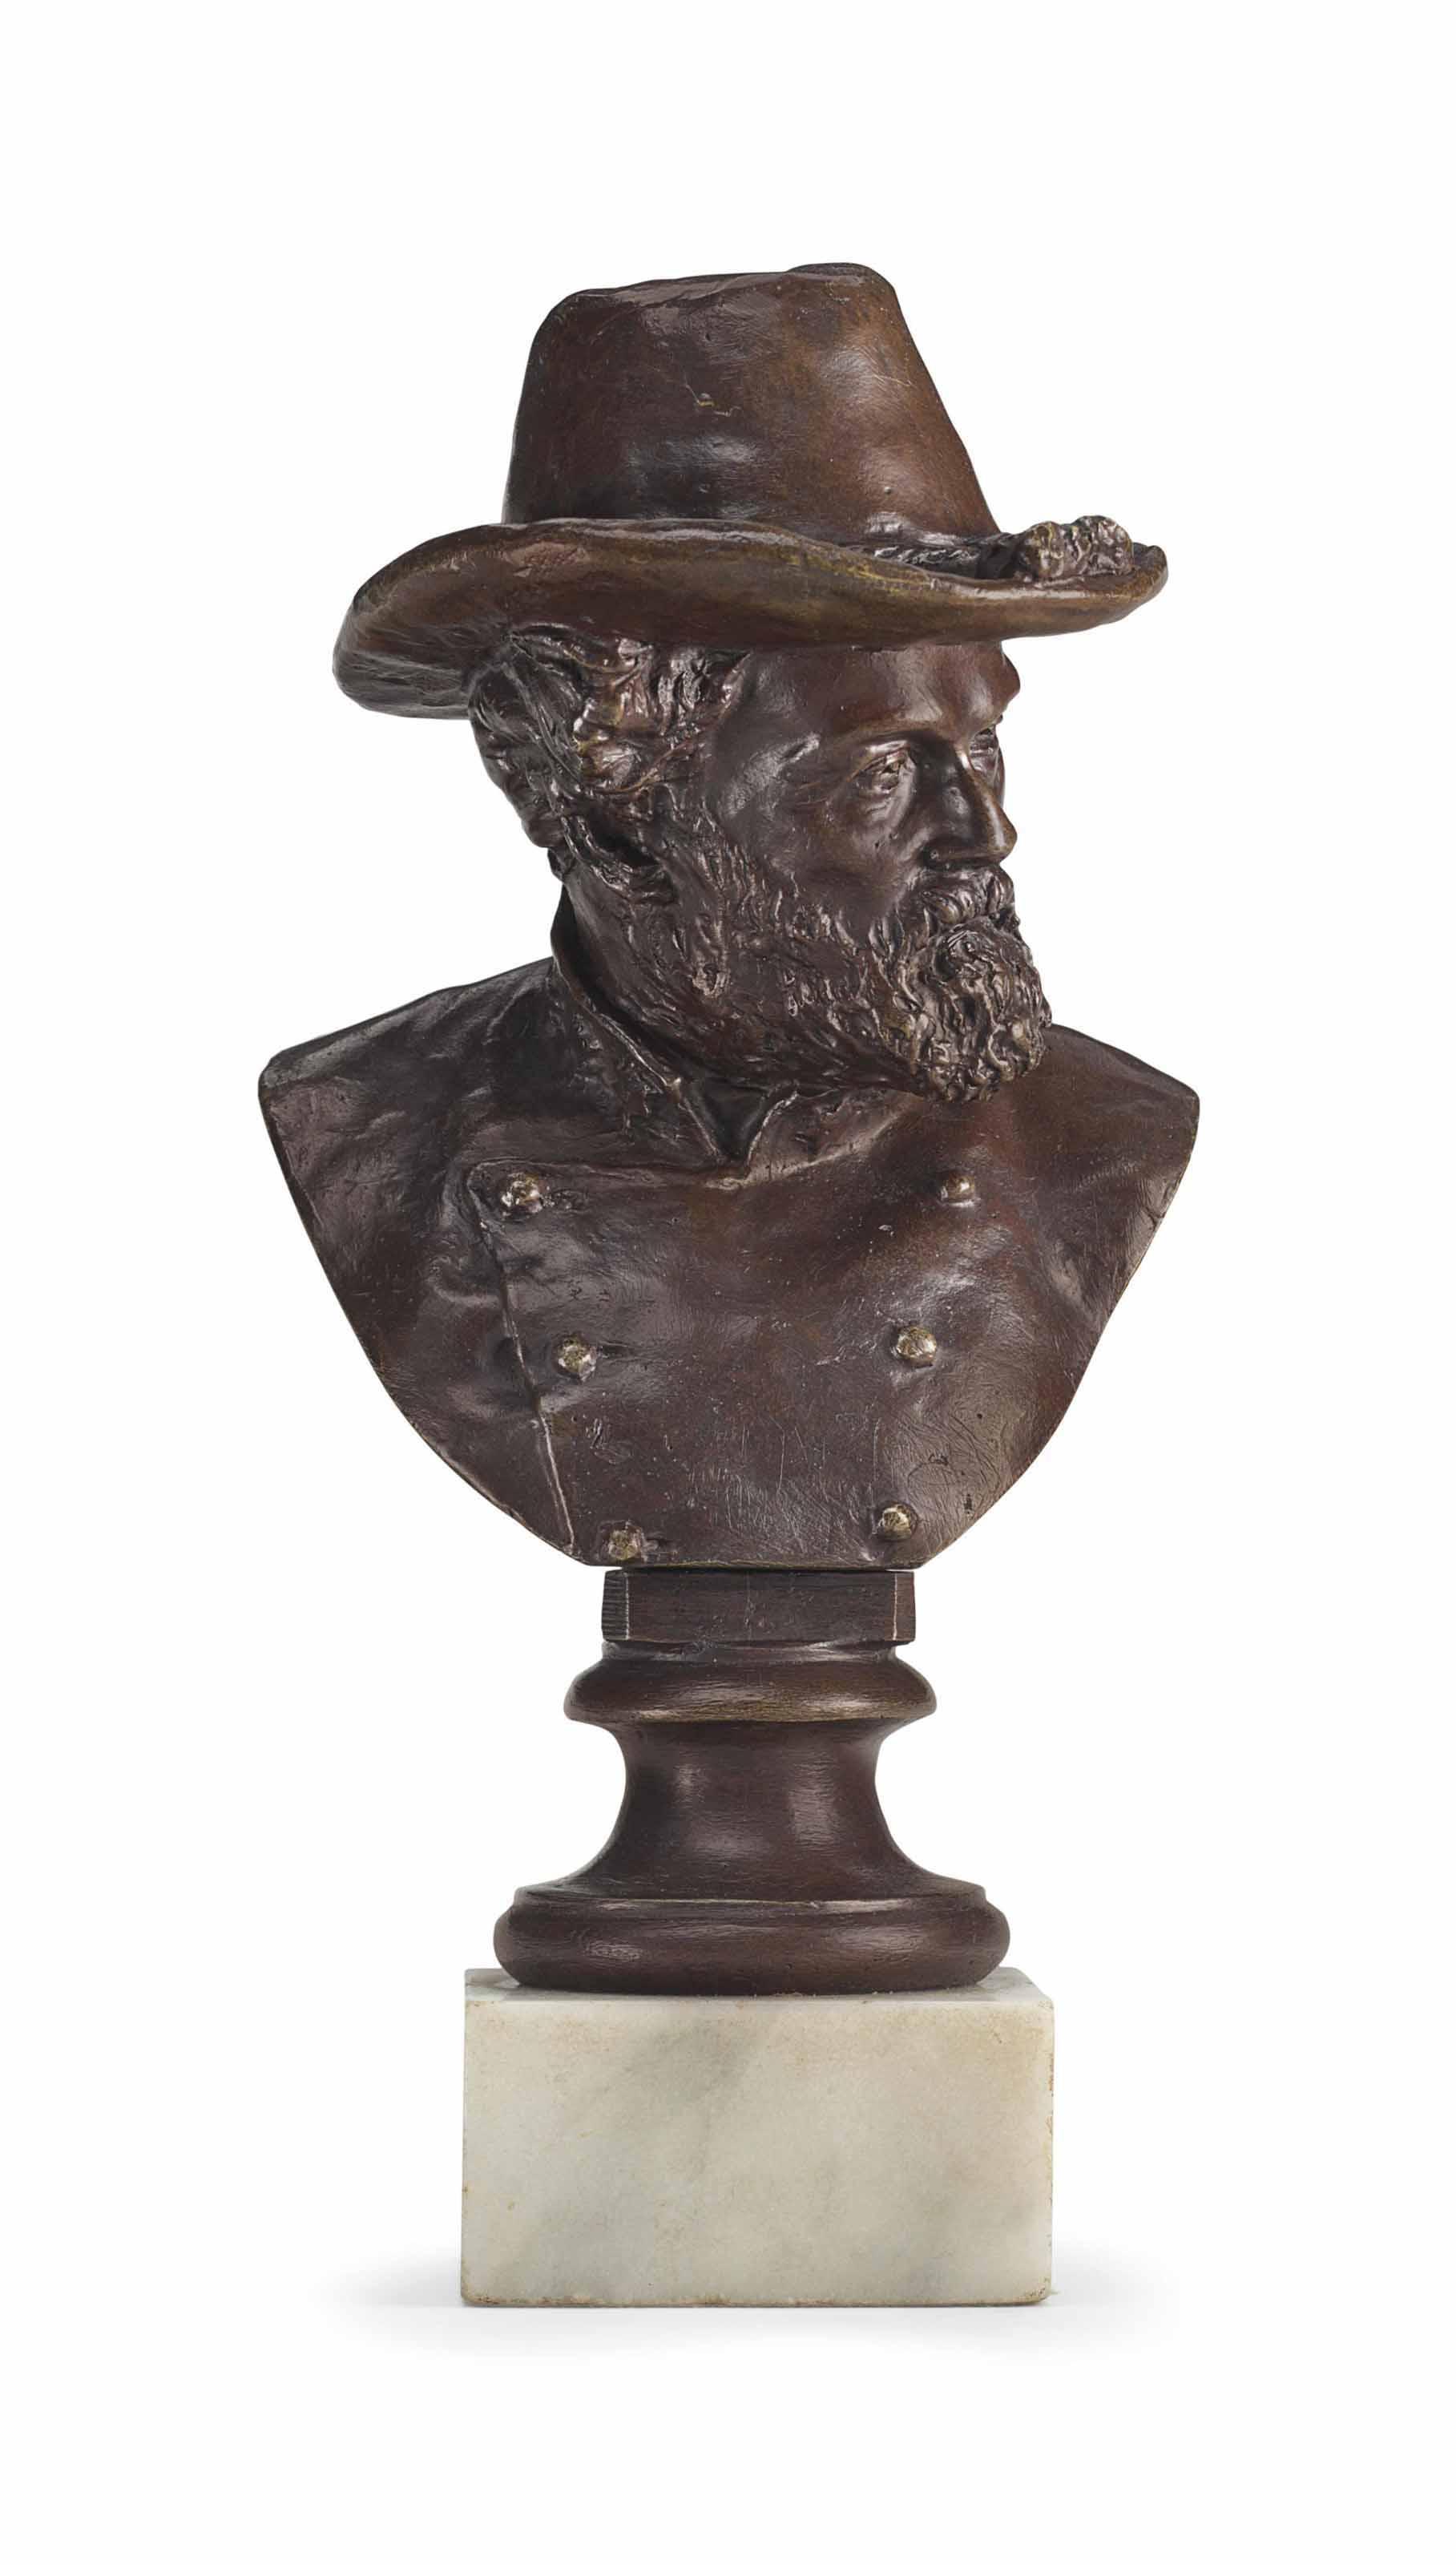 Portrait bust of Robert E. Lee